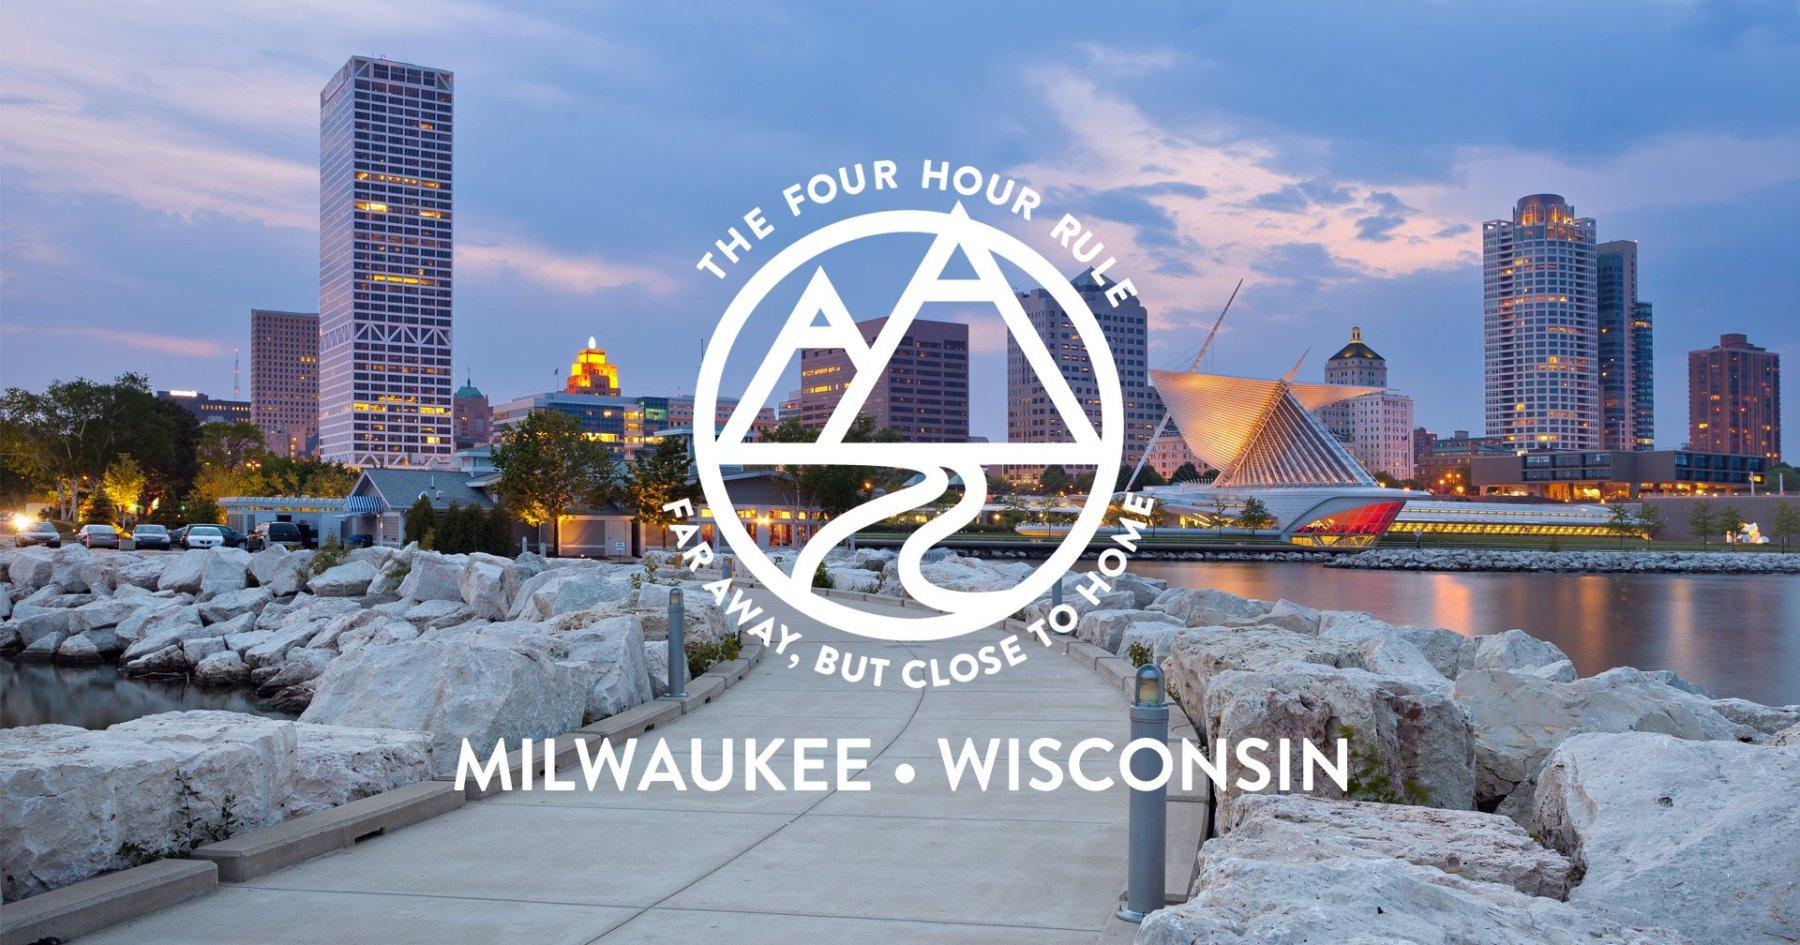 The Four-Hour Rule: Milwaukee